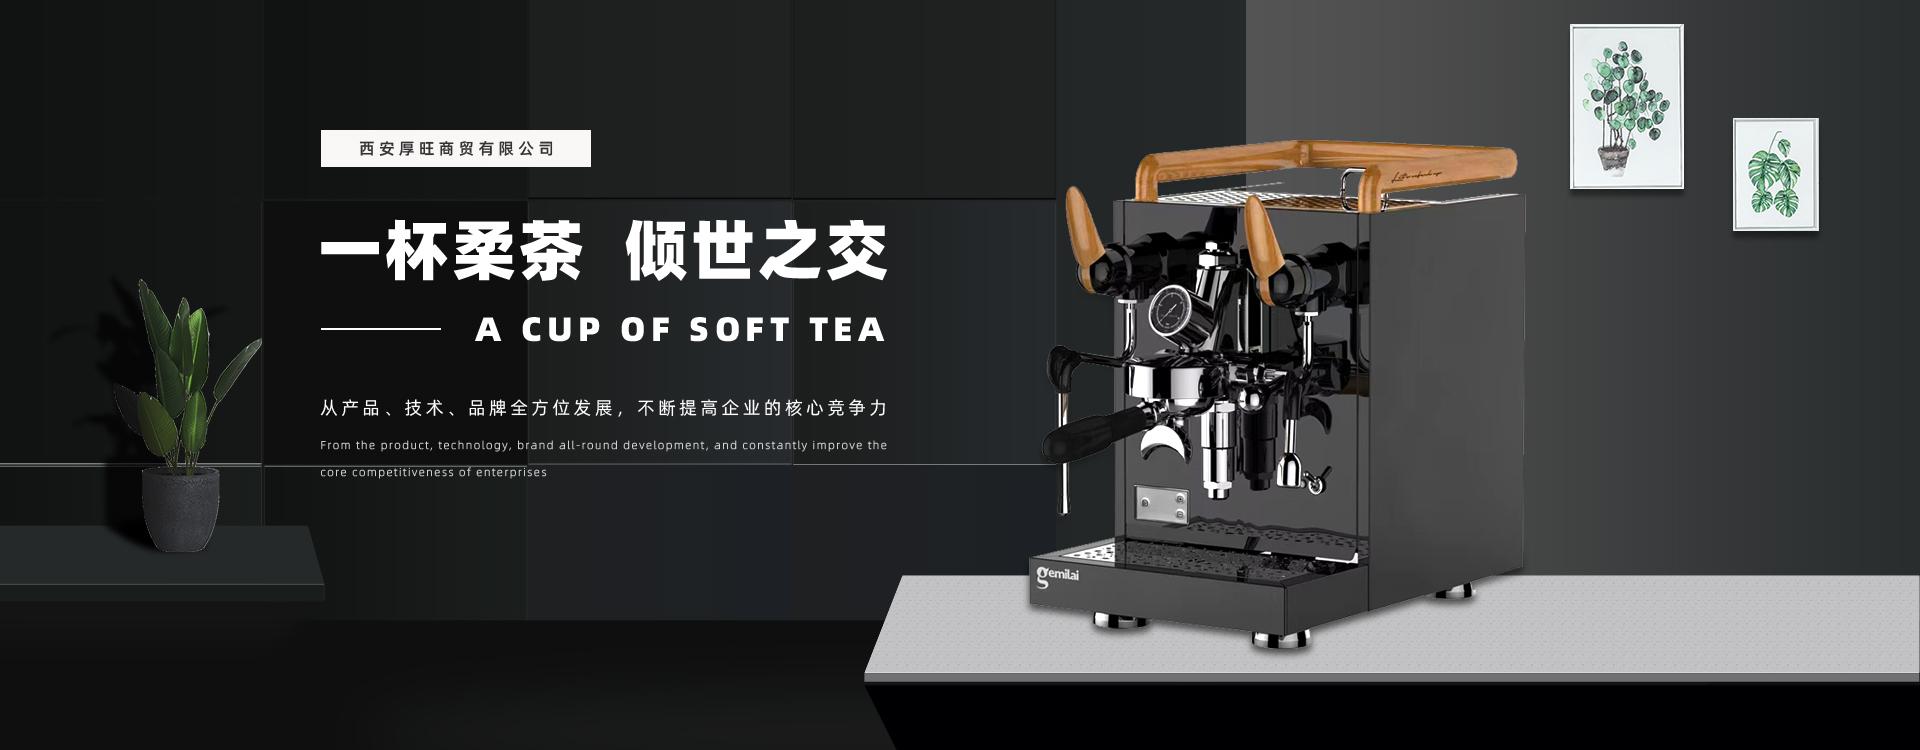 西安咖啡饮品培训